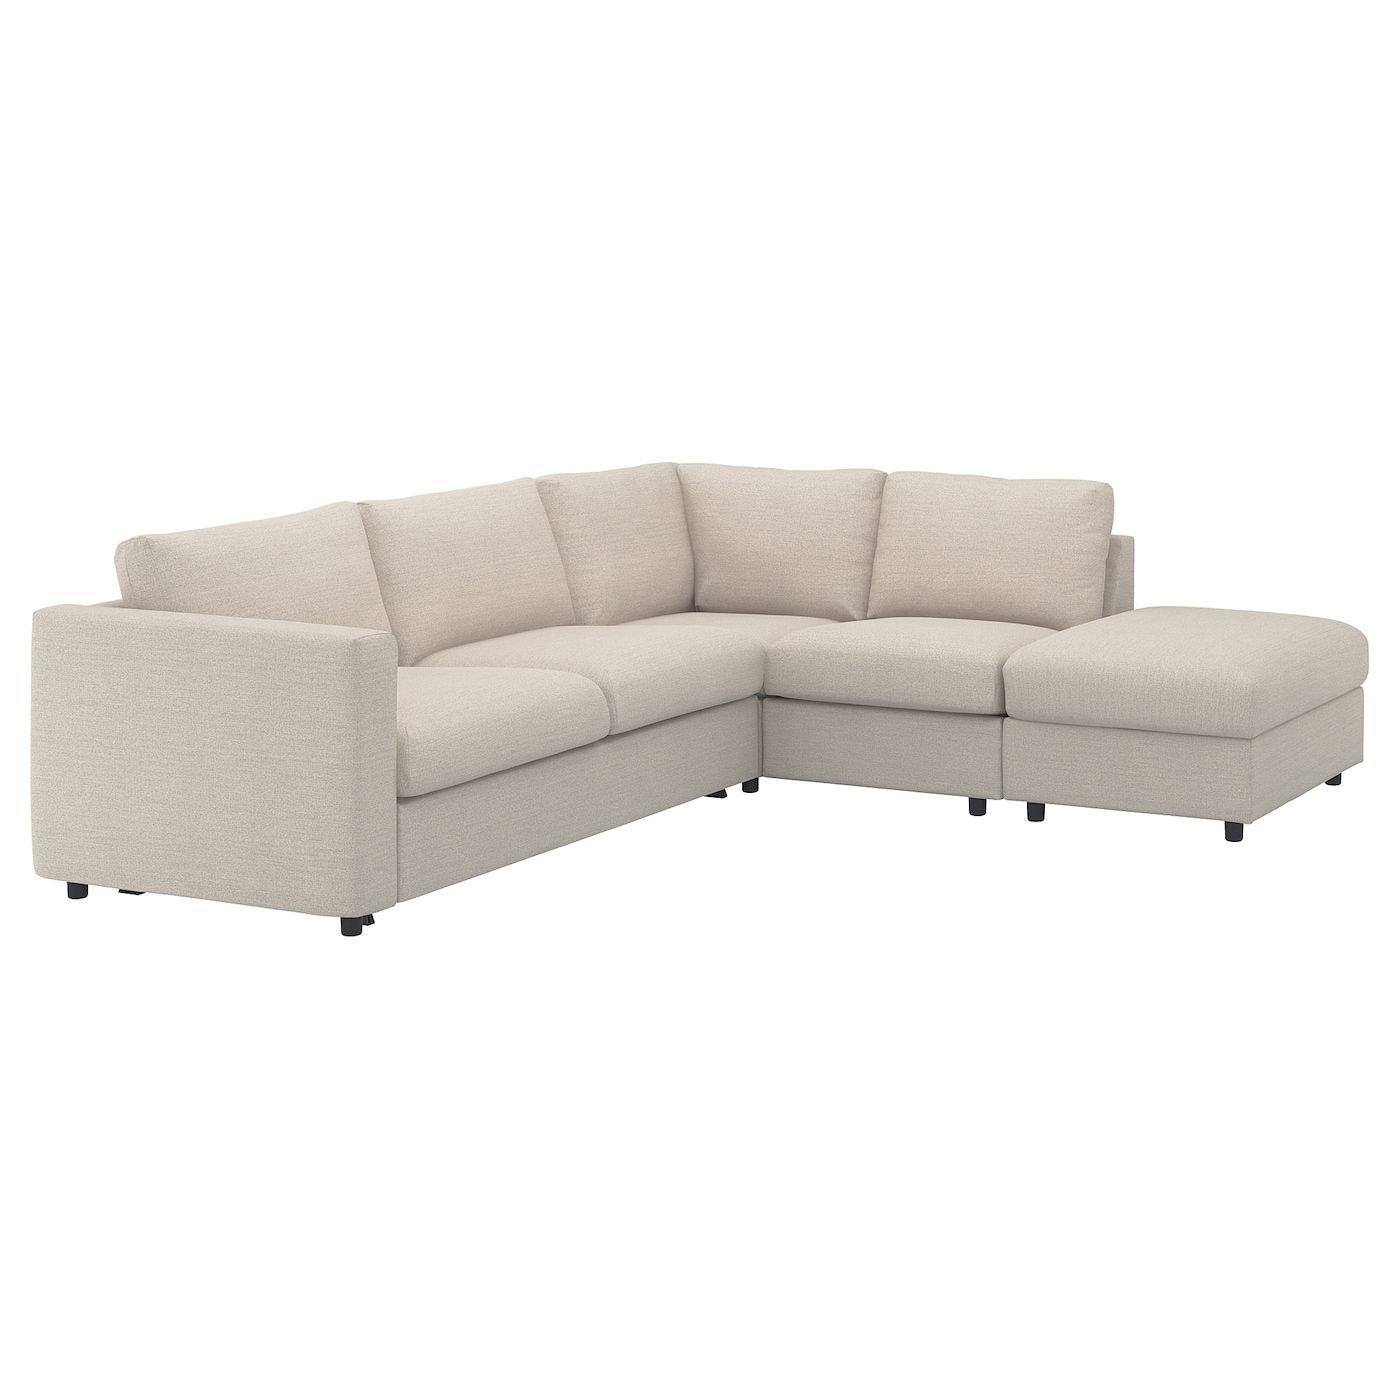 Vimle Corner Sleeper Sofa 4 Seat With Open End Gunnared Beige Sofa Back Cushions Sofa Bed Frame Ikea Sofa